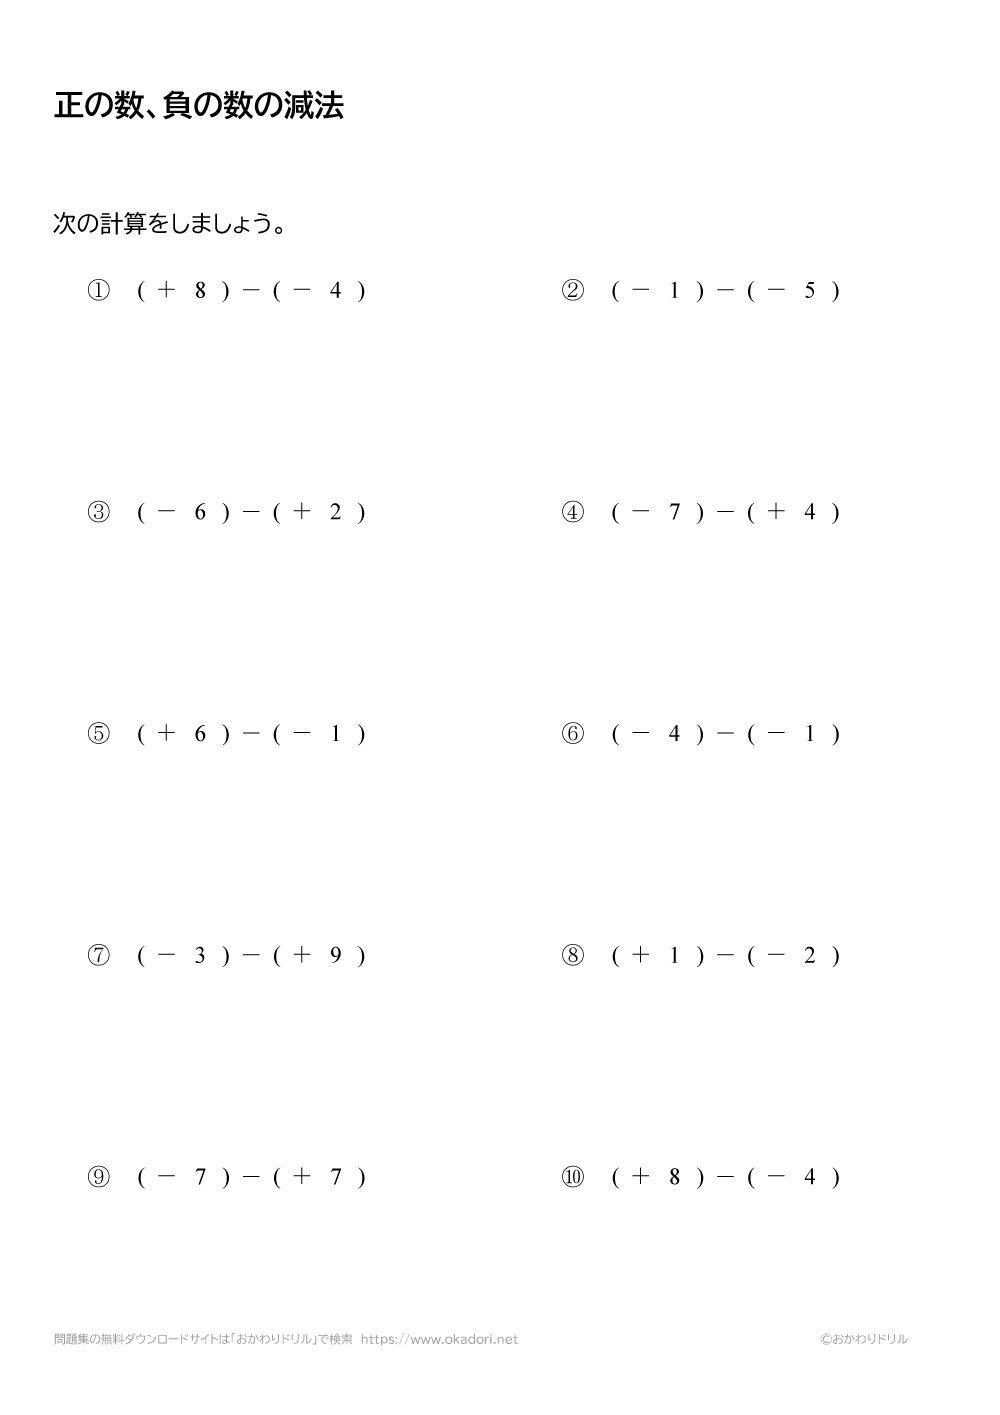 正の数・負の数の減法(引き算)の問題と答え2